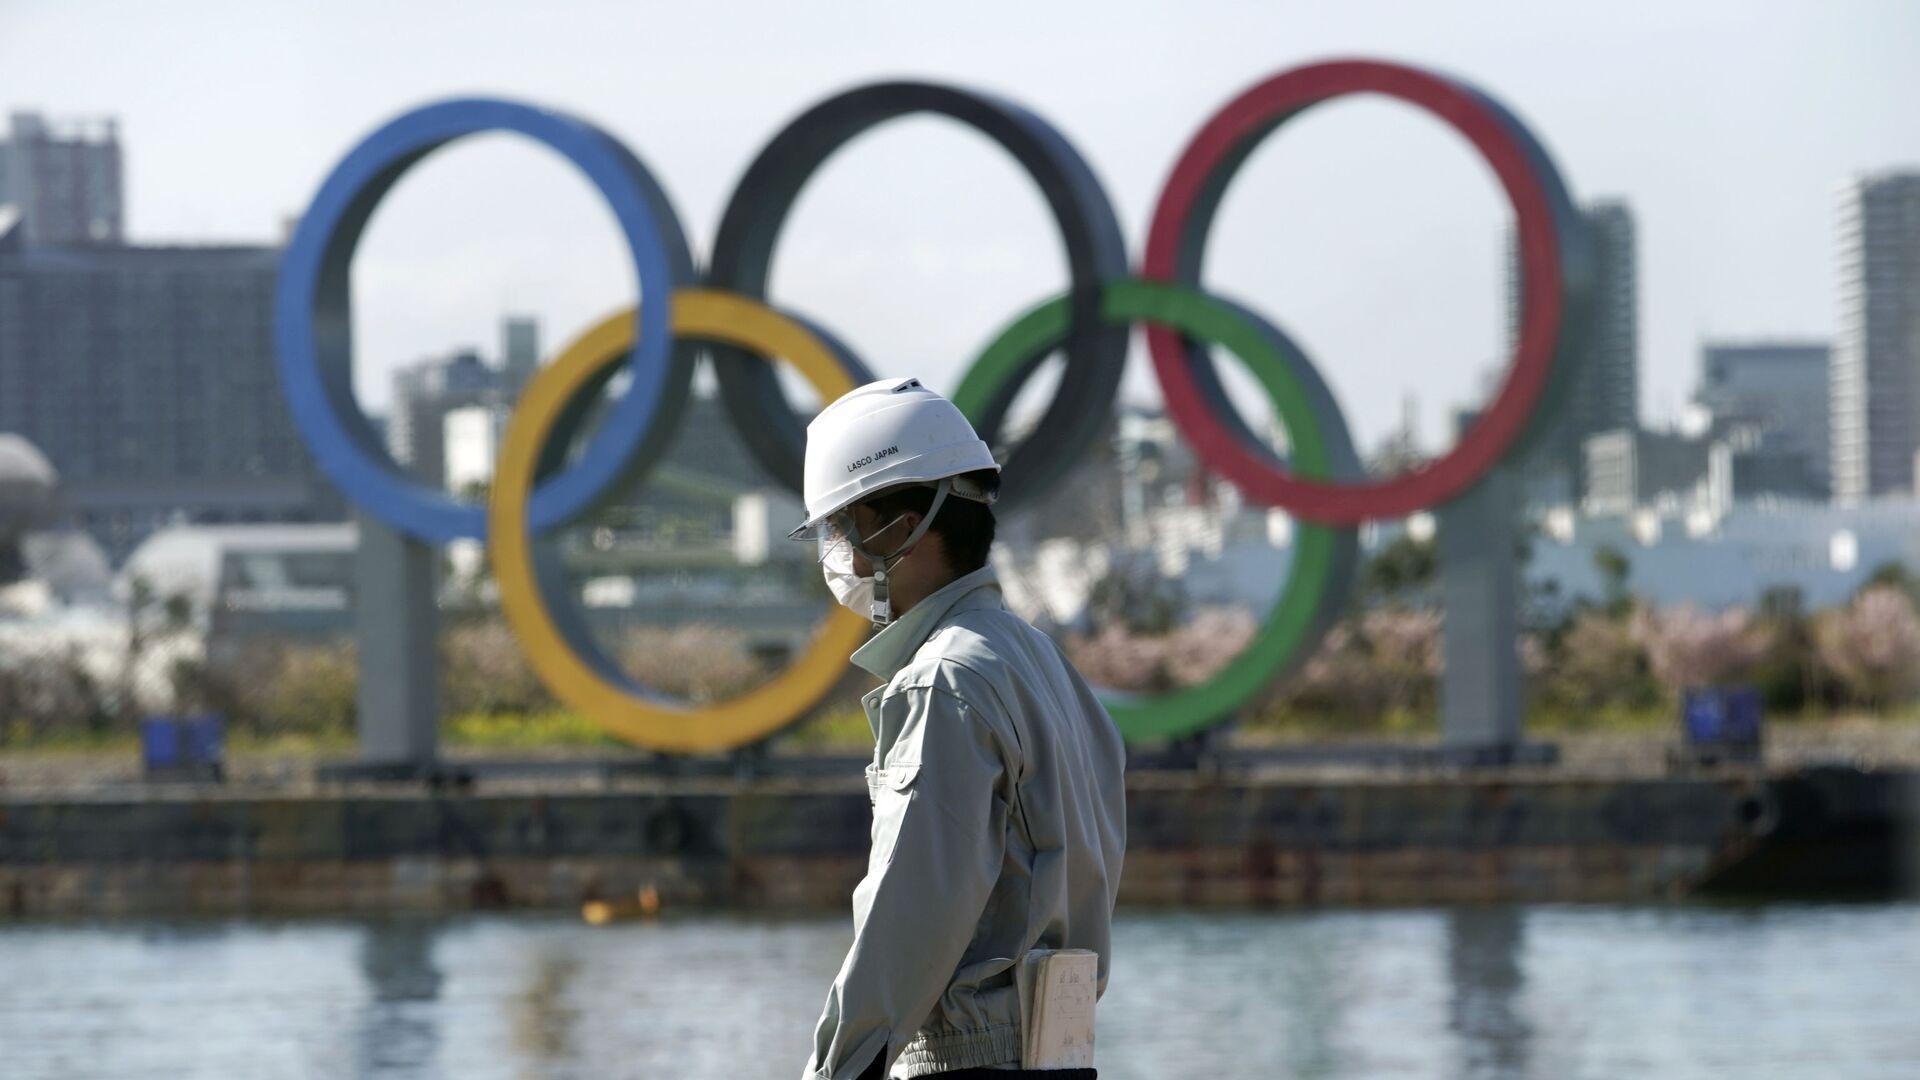 Човек с маском испред олимпијских кругова у Токију. - Sputnik Србија, 1920, 09.03.2021